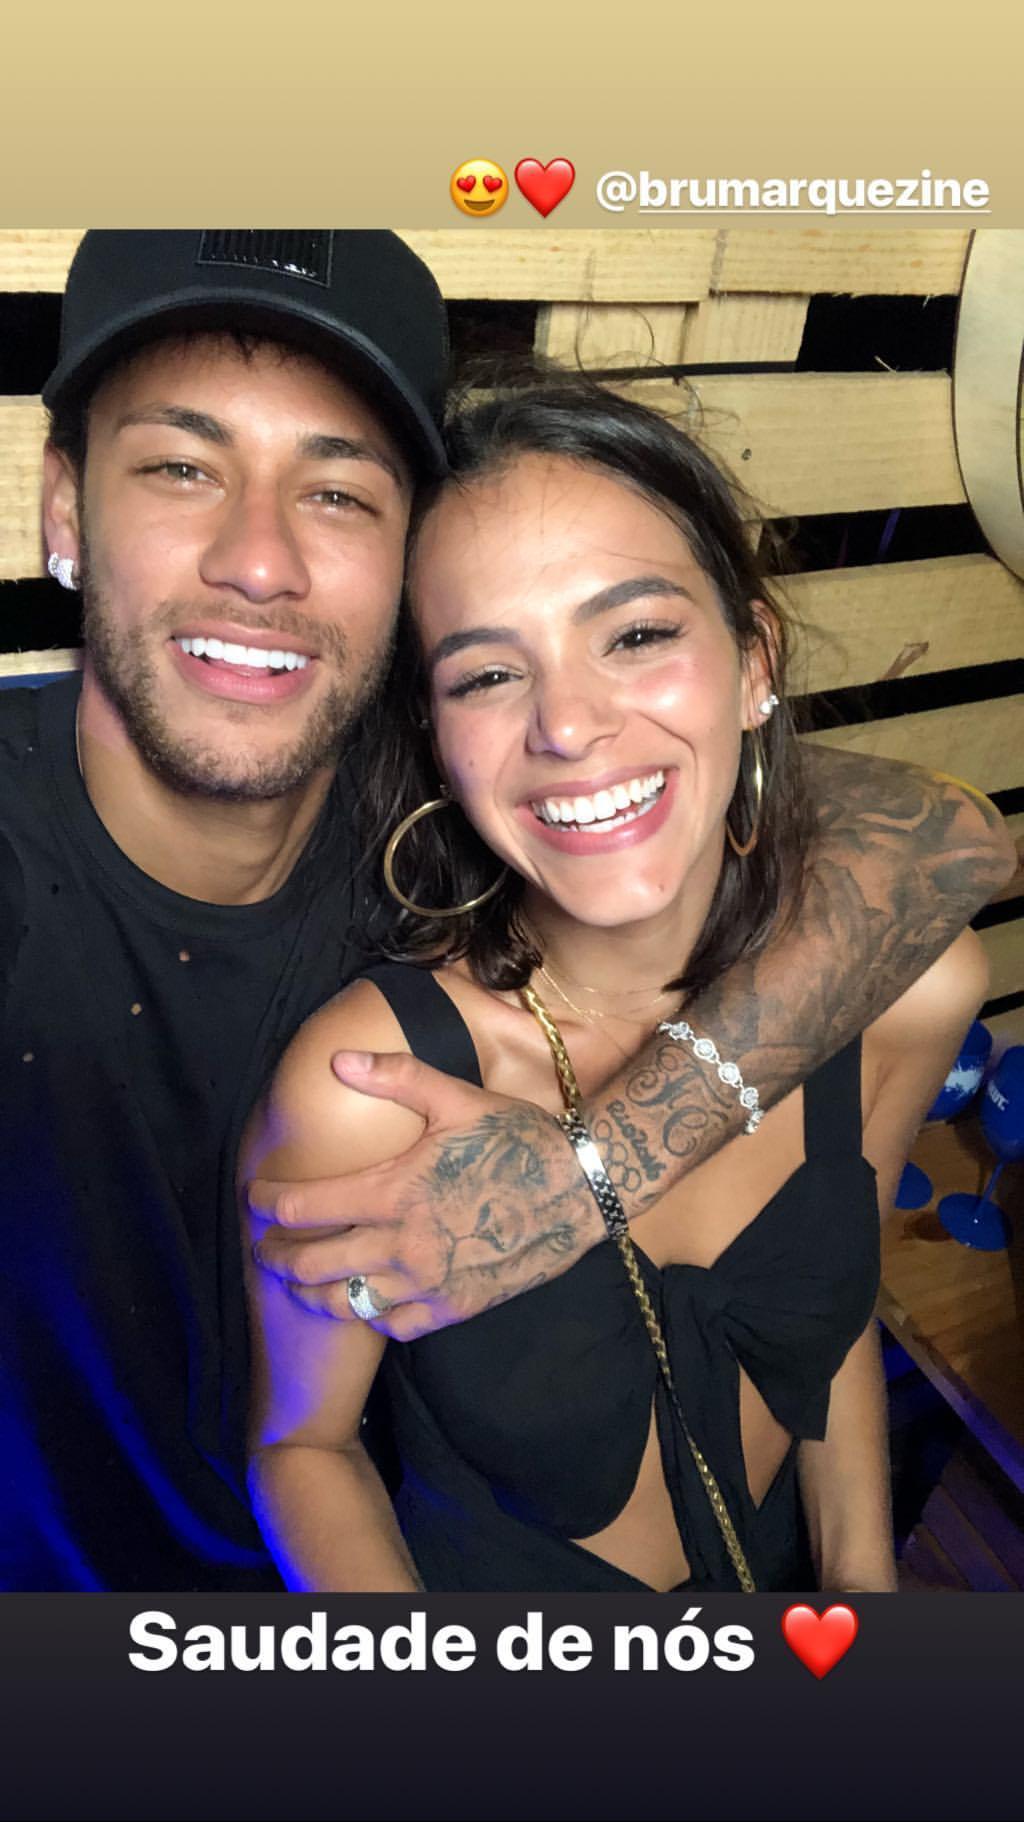 neymar-foto-bruna-marquezine-saudade